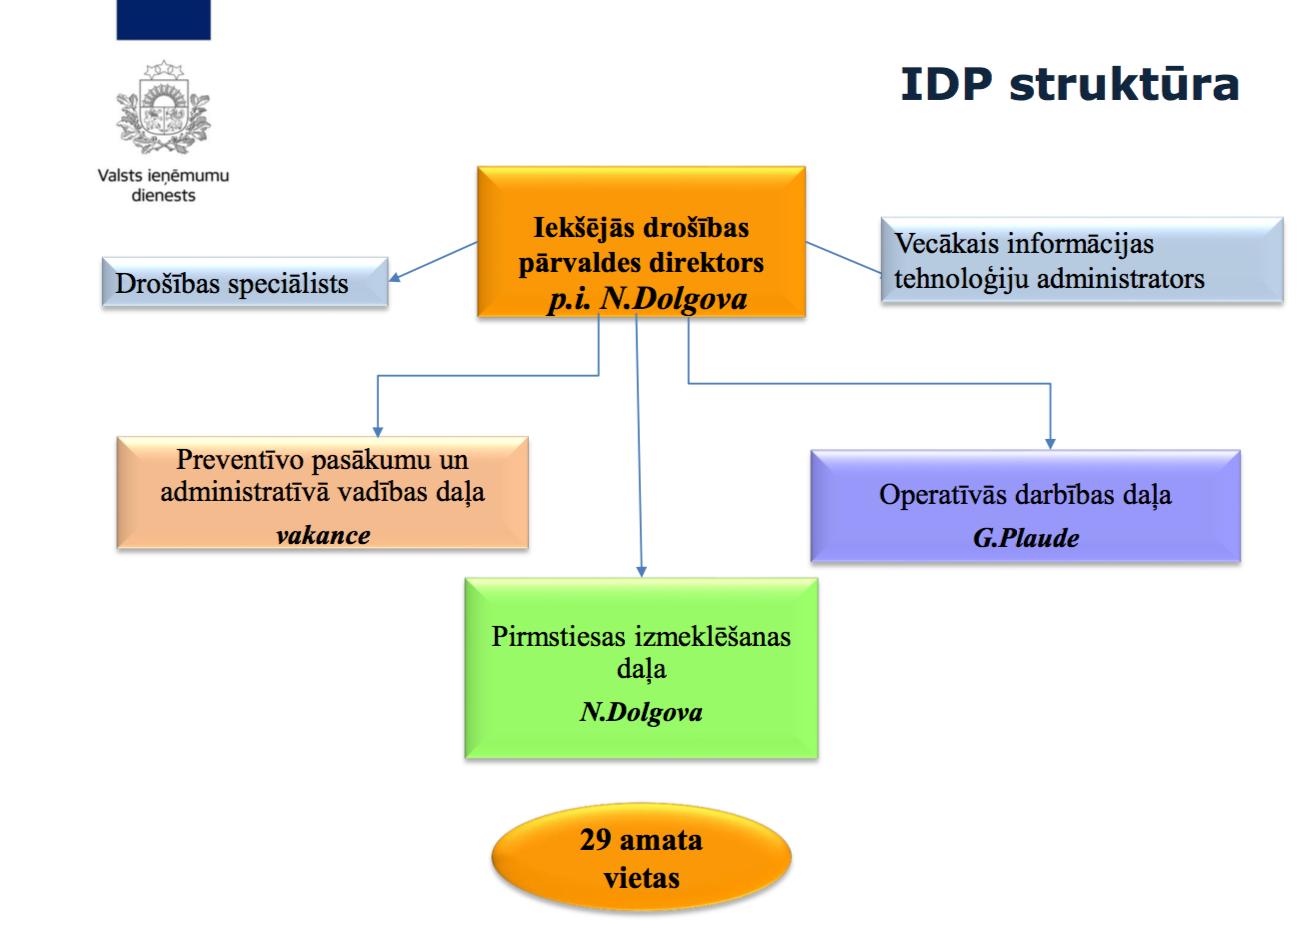 opcijas struktūra interneta ieņēmumu baltais saraksts